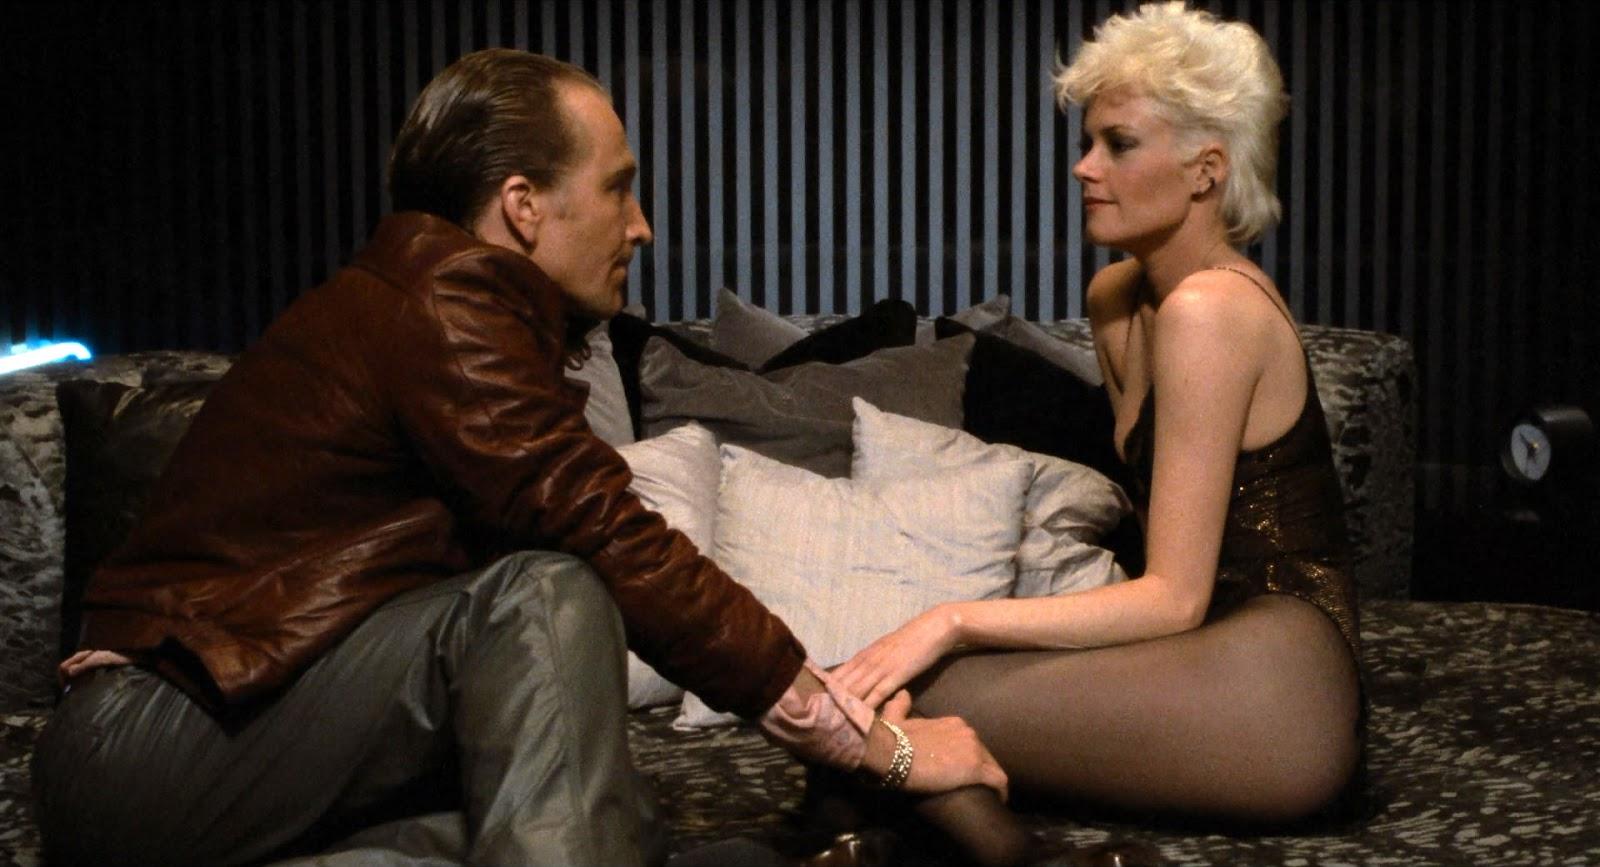 Craig Wasson et Melanie Griffith dans Body Double